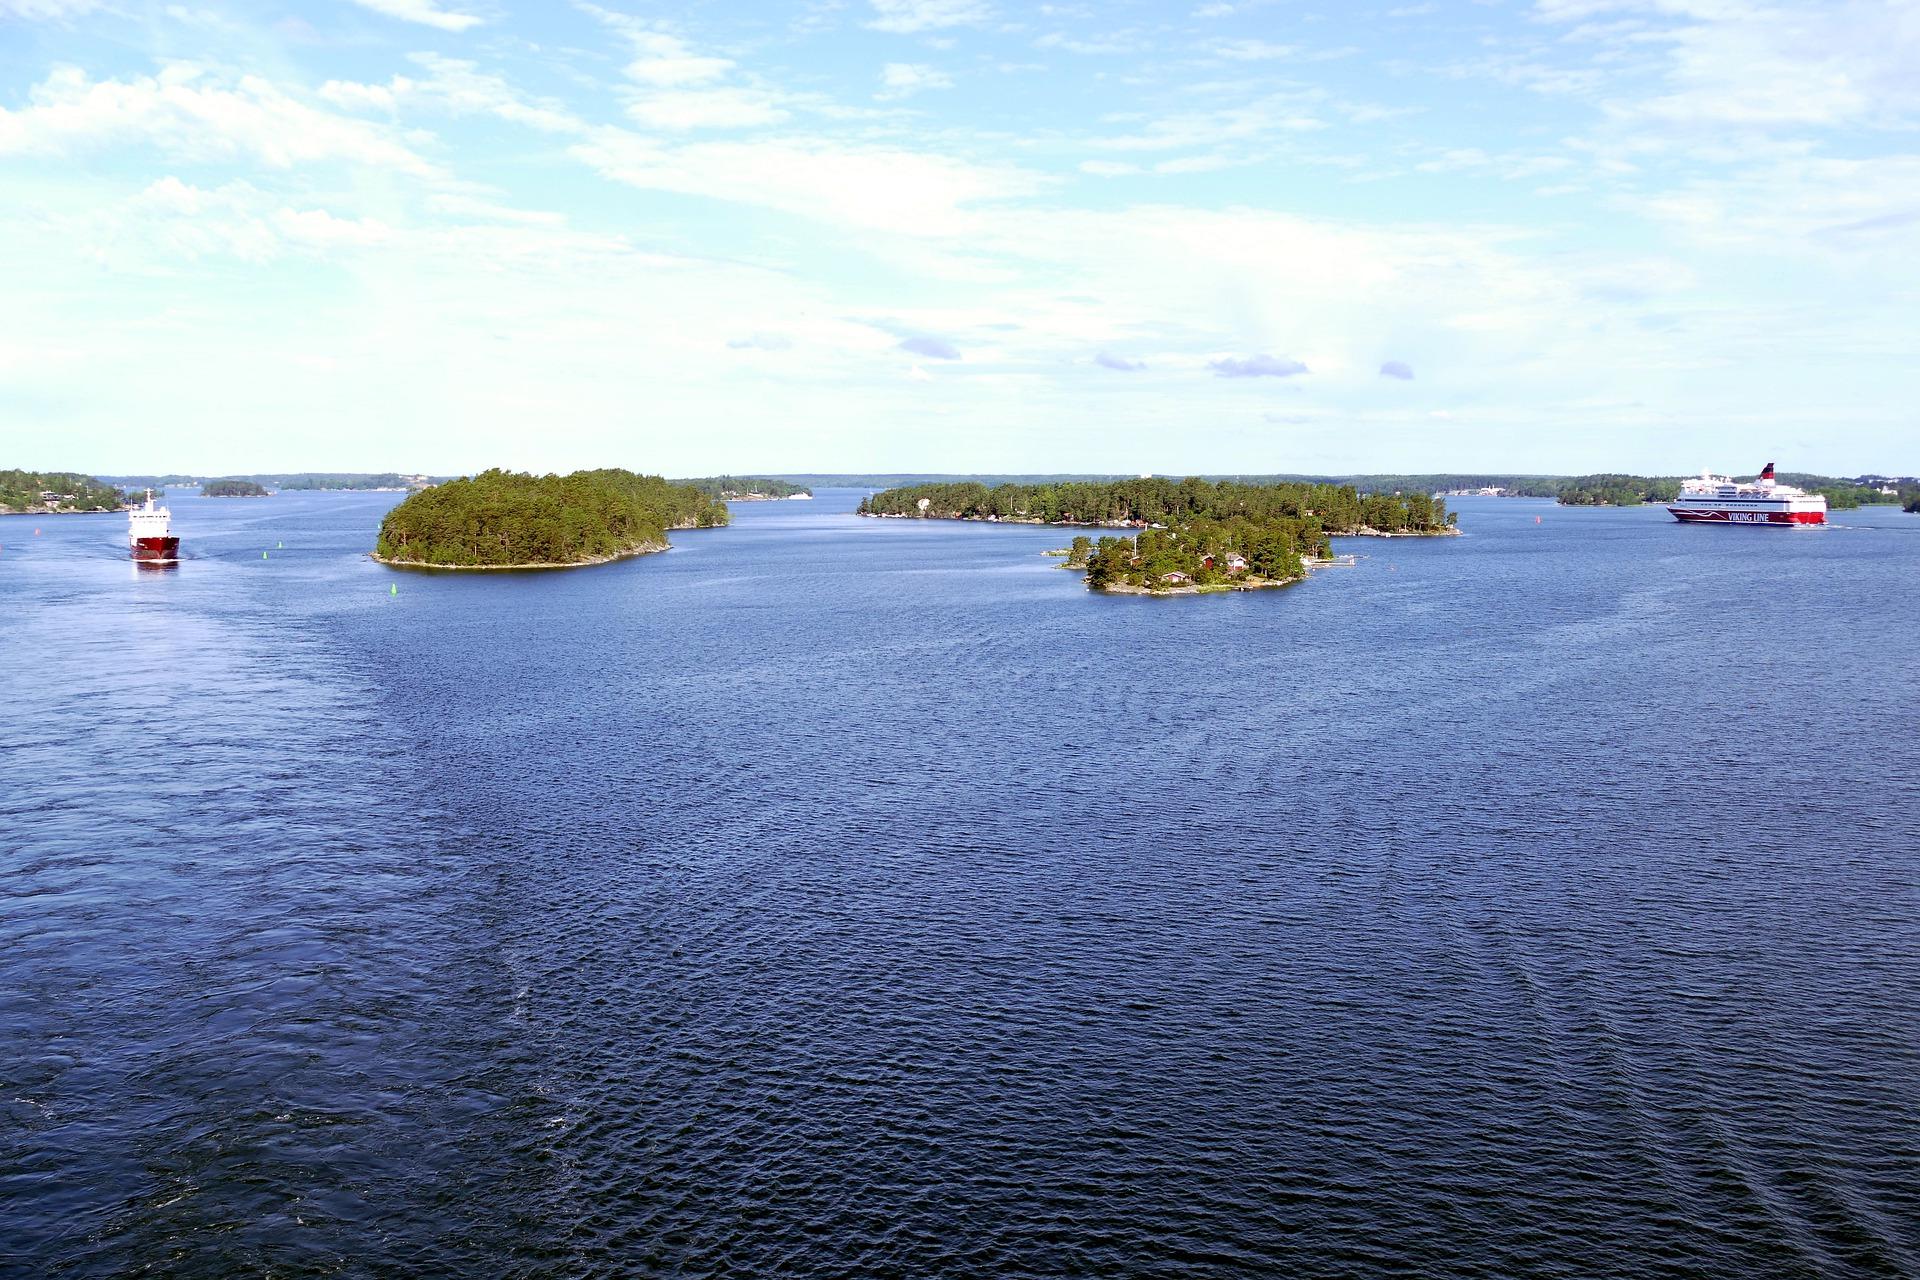 Archipelag wysp w Szwecji. Fot. falco/Pixabay